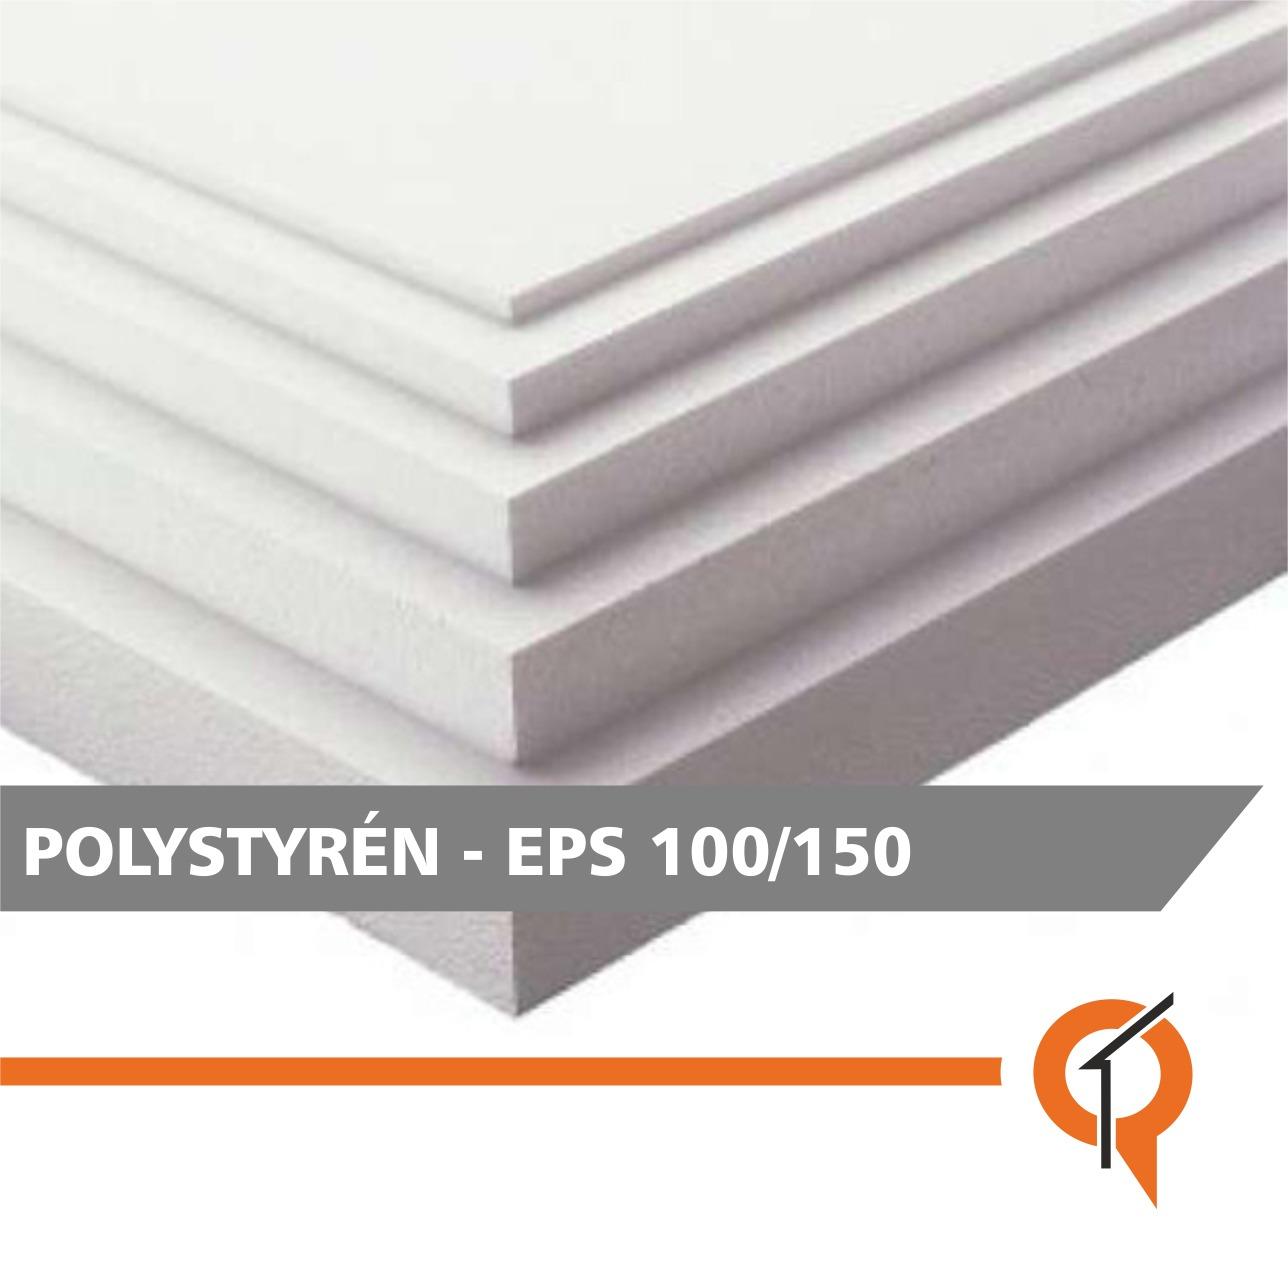 eps_100_150_polystyren_podlahovy_qtrend